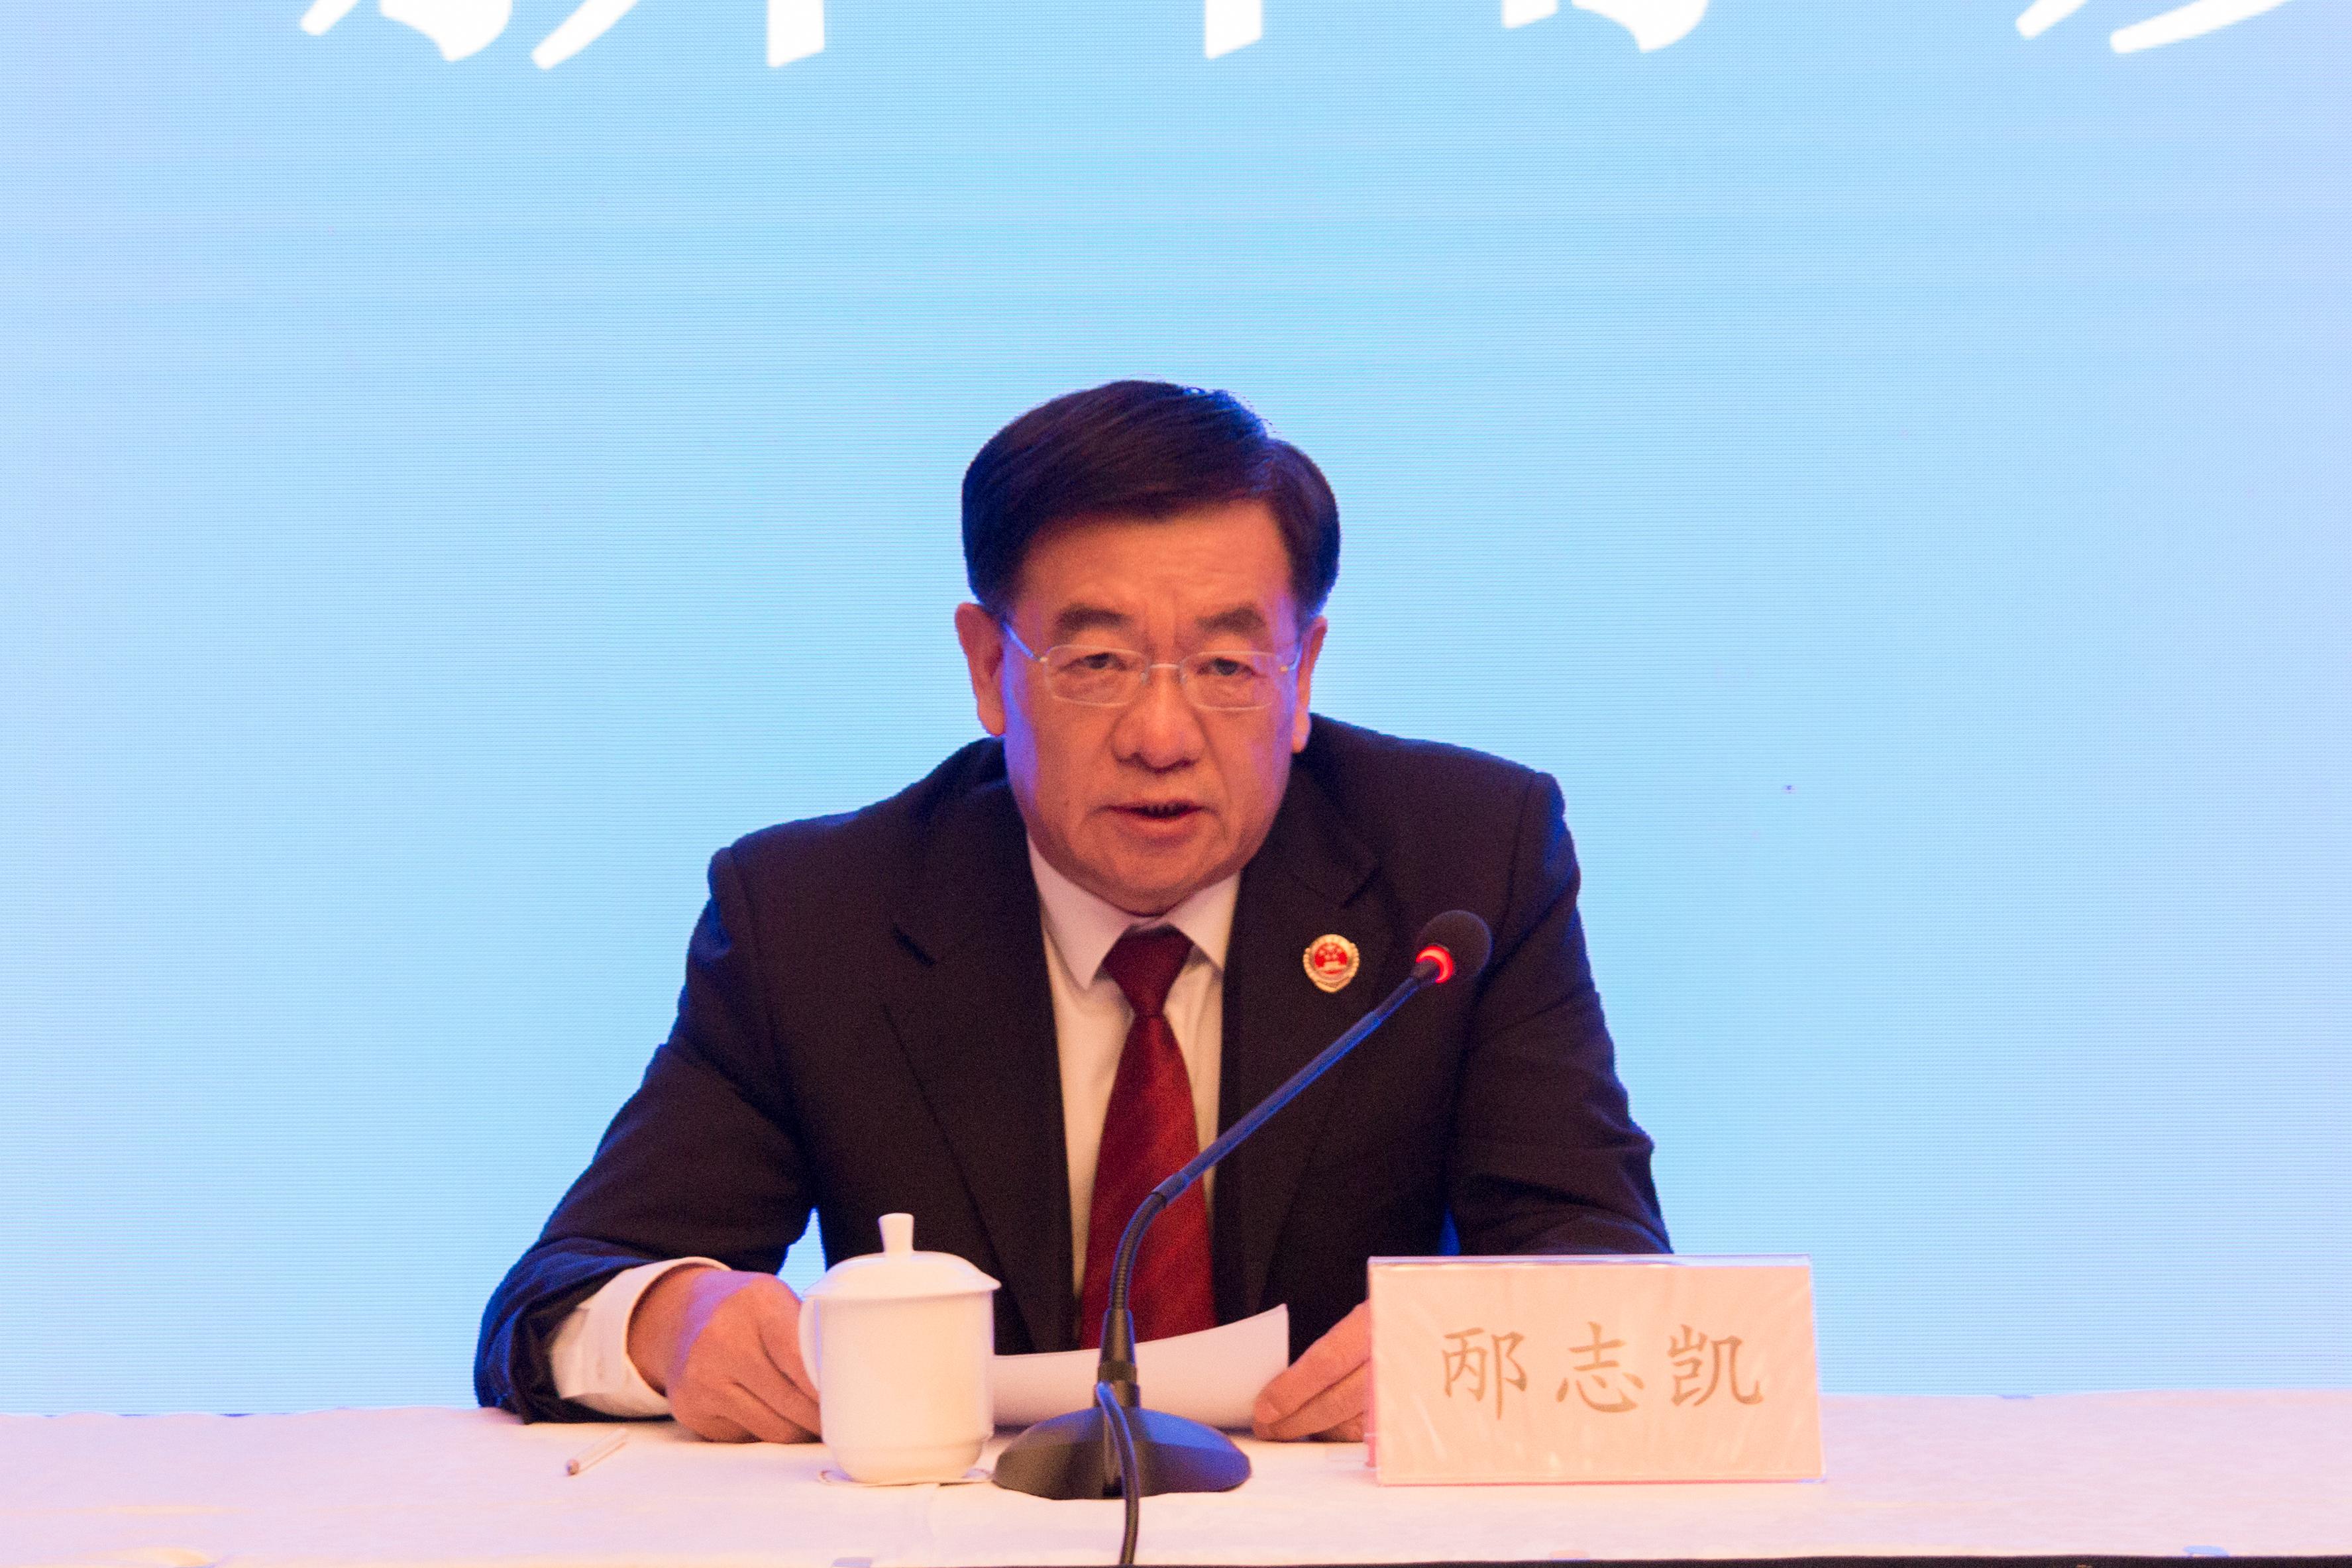 盘锦市召开政法队伍教育整顿新闻发布会